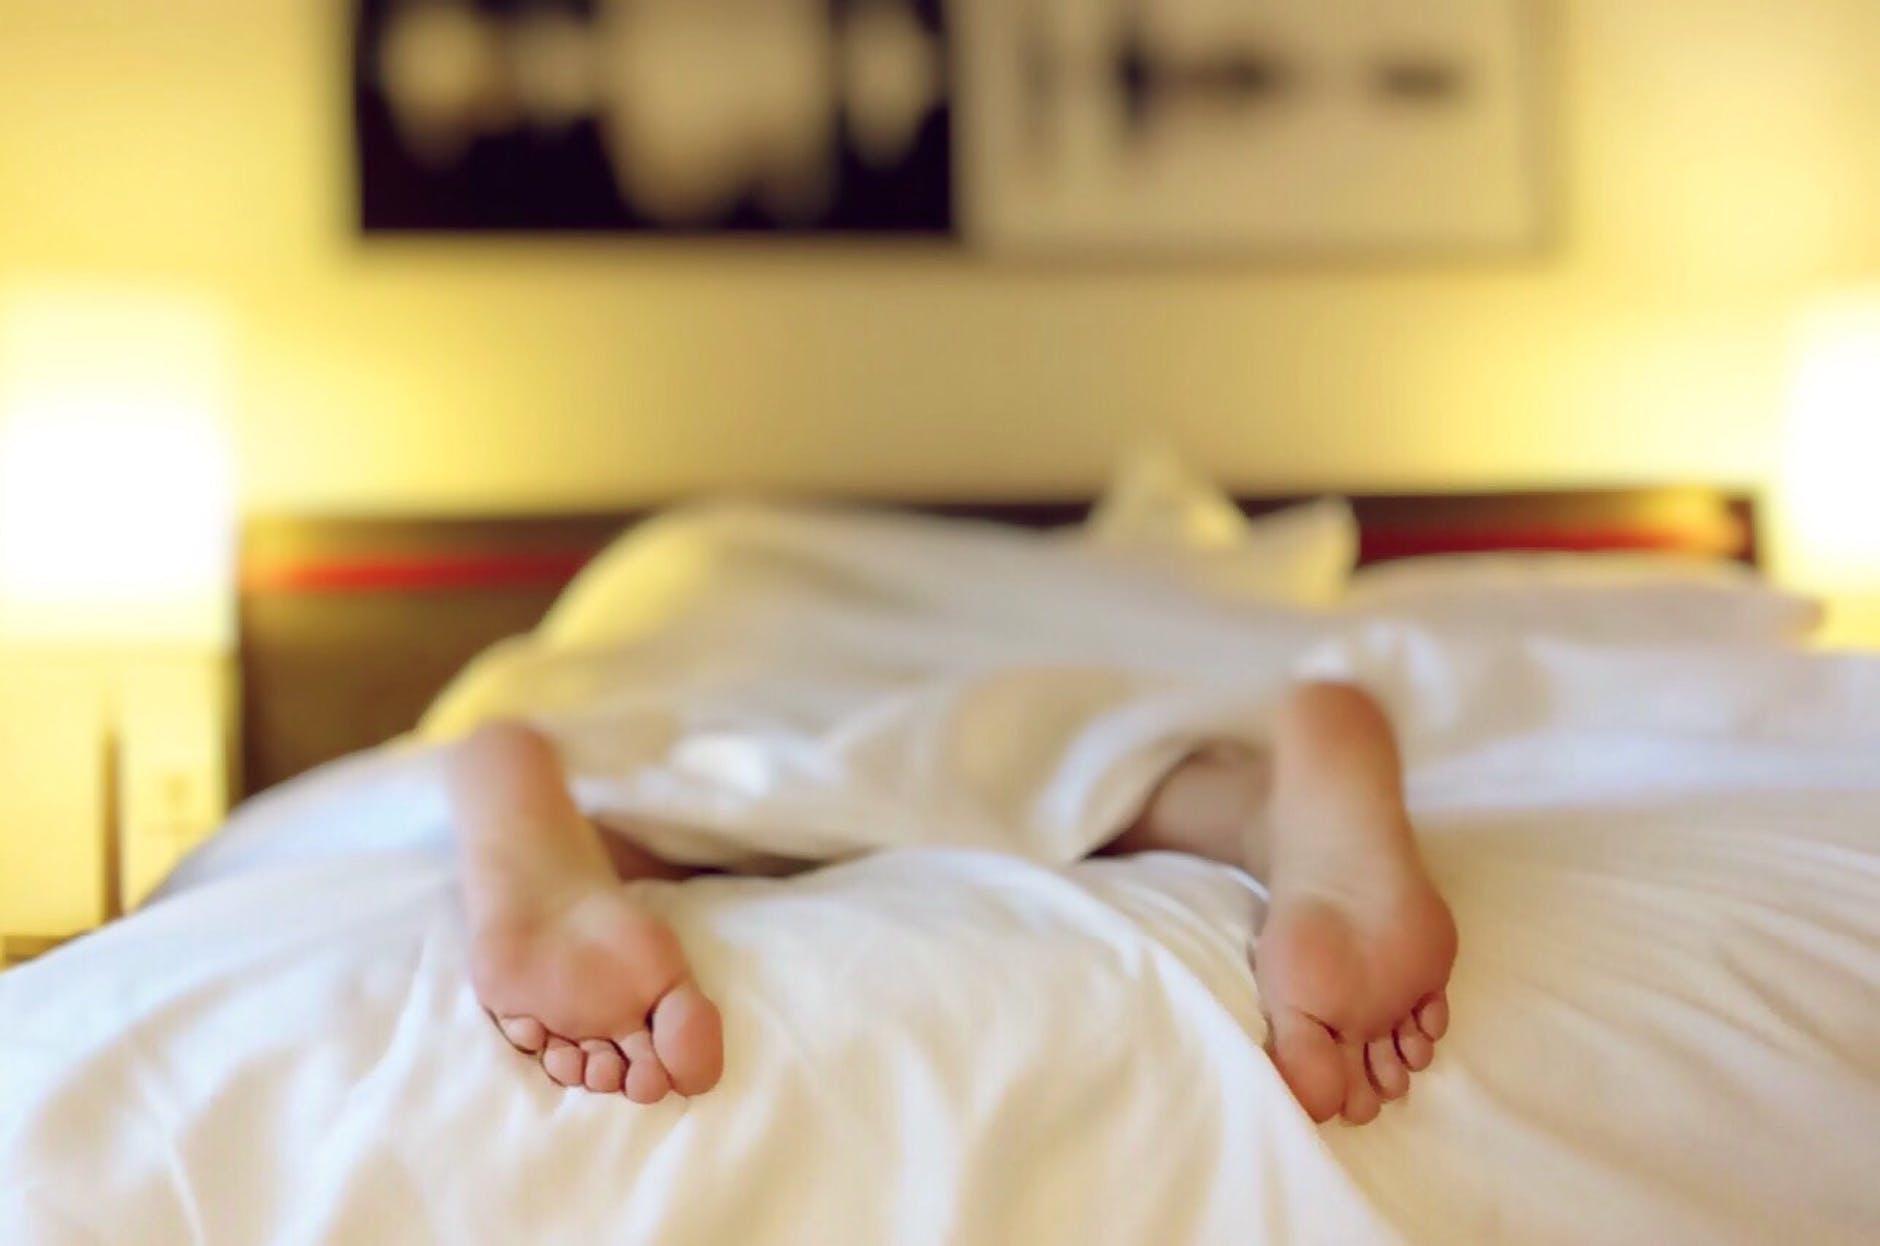 nohy, človek v posteli